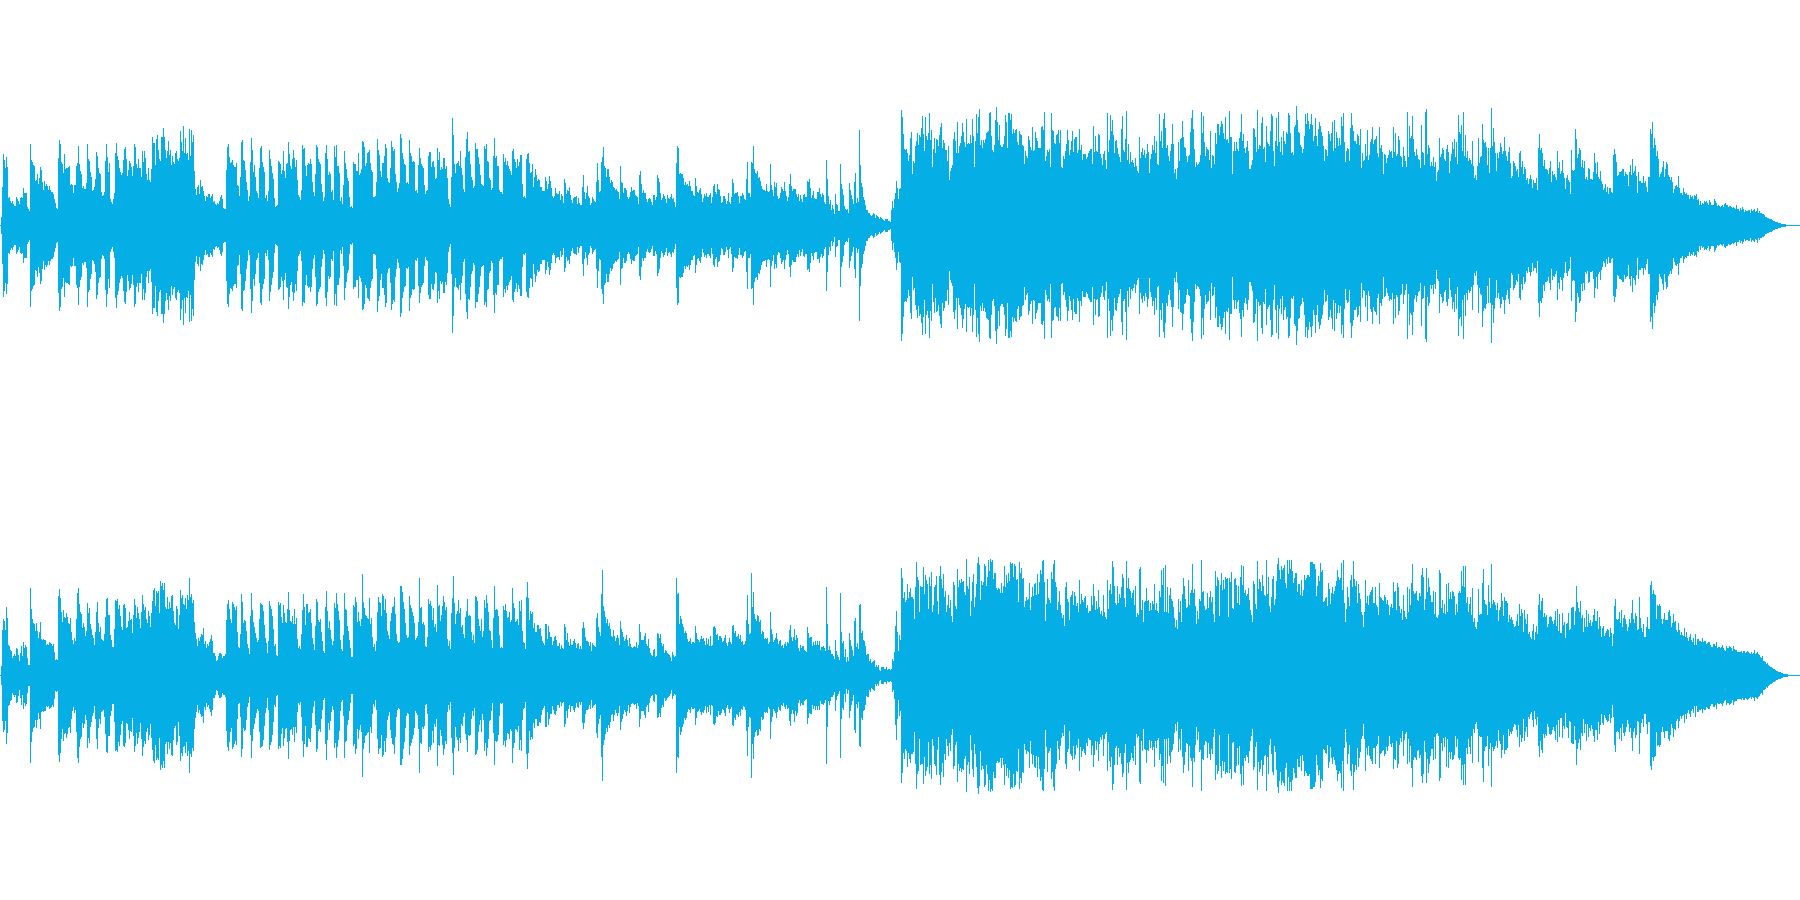 和風ループ音源アップテンポの再生済みの波形